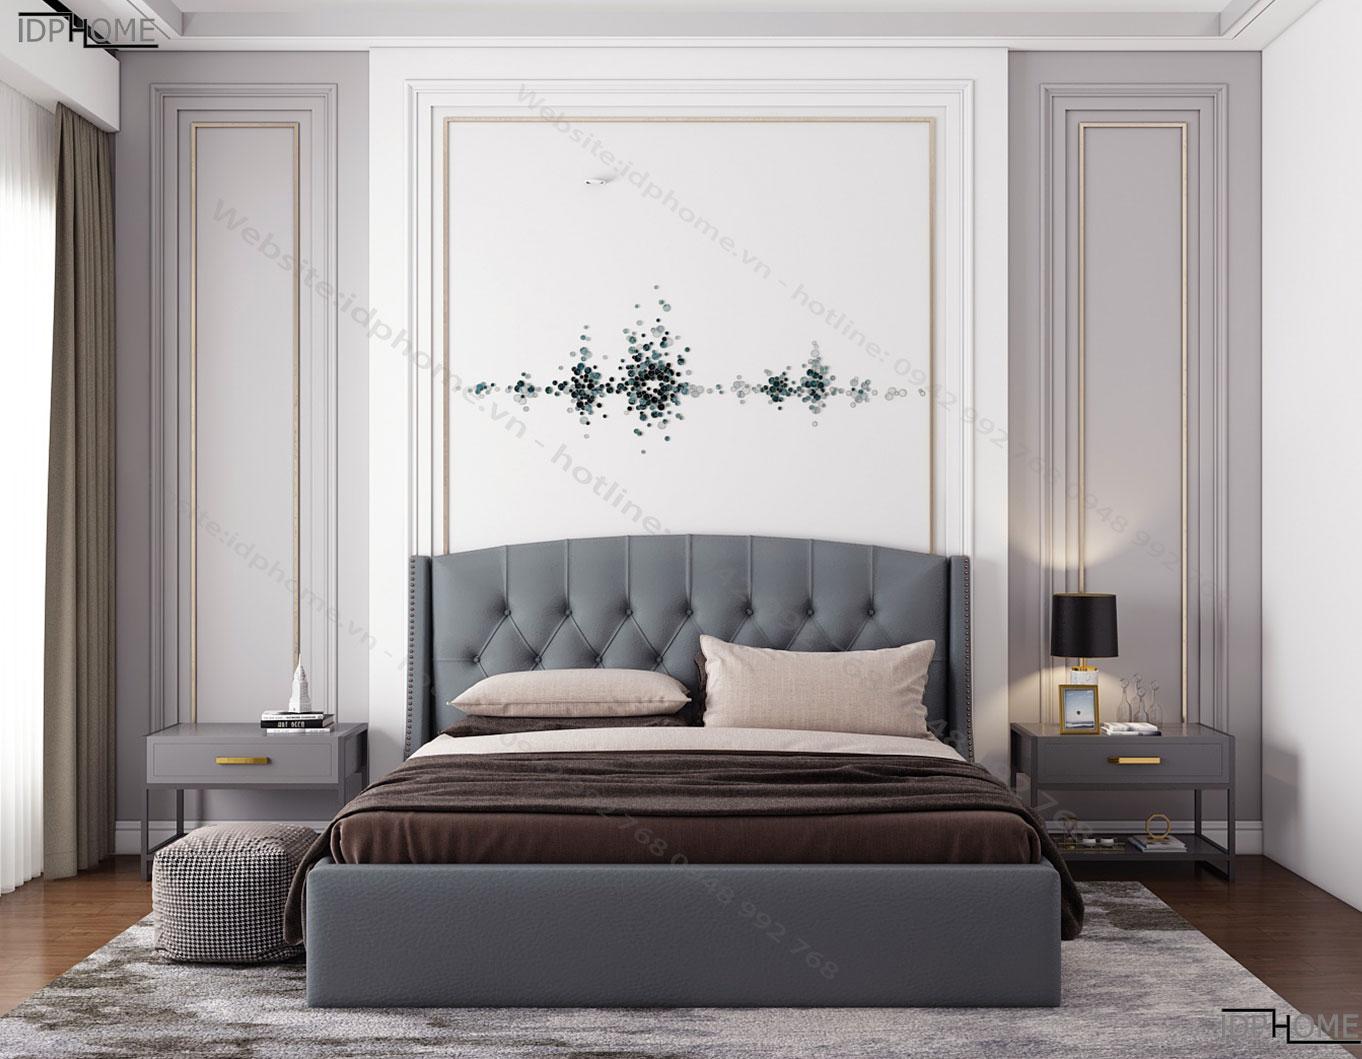 Mẫu giường ngủ bọc da đẹp GD6819